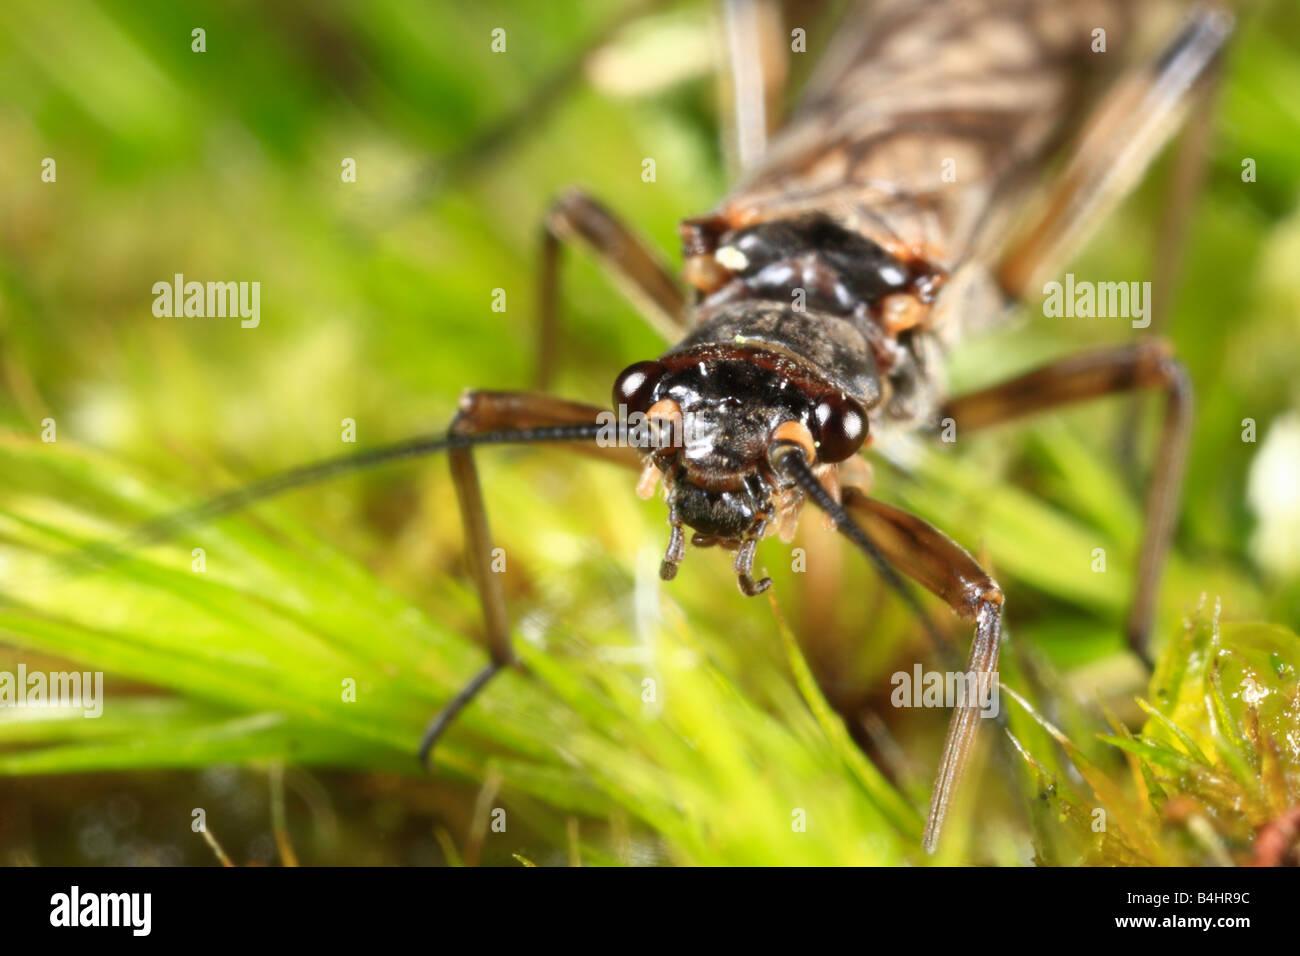 Small Stonefly (Plecoptera) on moss. Powys, Wales. UK - Stock Image